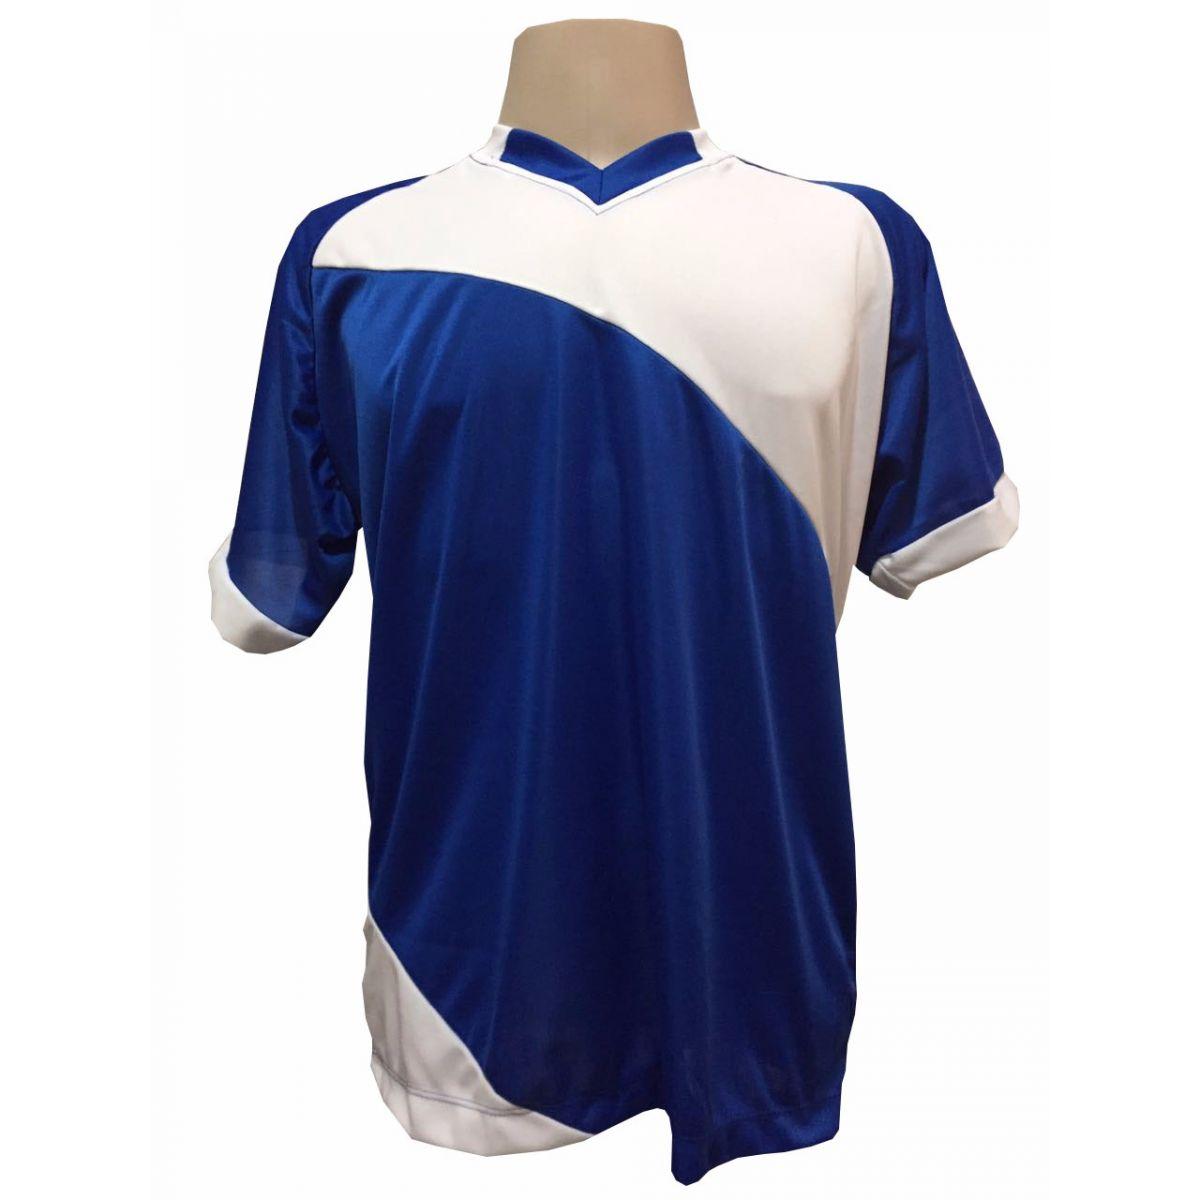 Uniforme Esportivo com 20 camisas modelo Bélgica Royal/Branco + 20 calções modelo Madrid Royal + 20 pares de meiões Royal